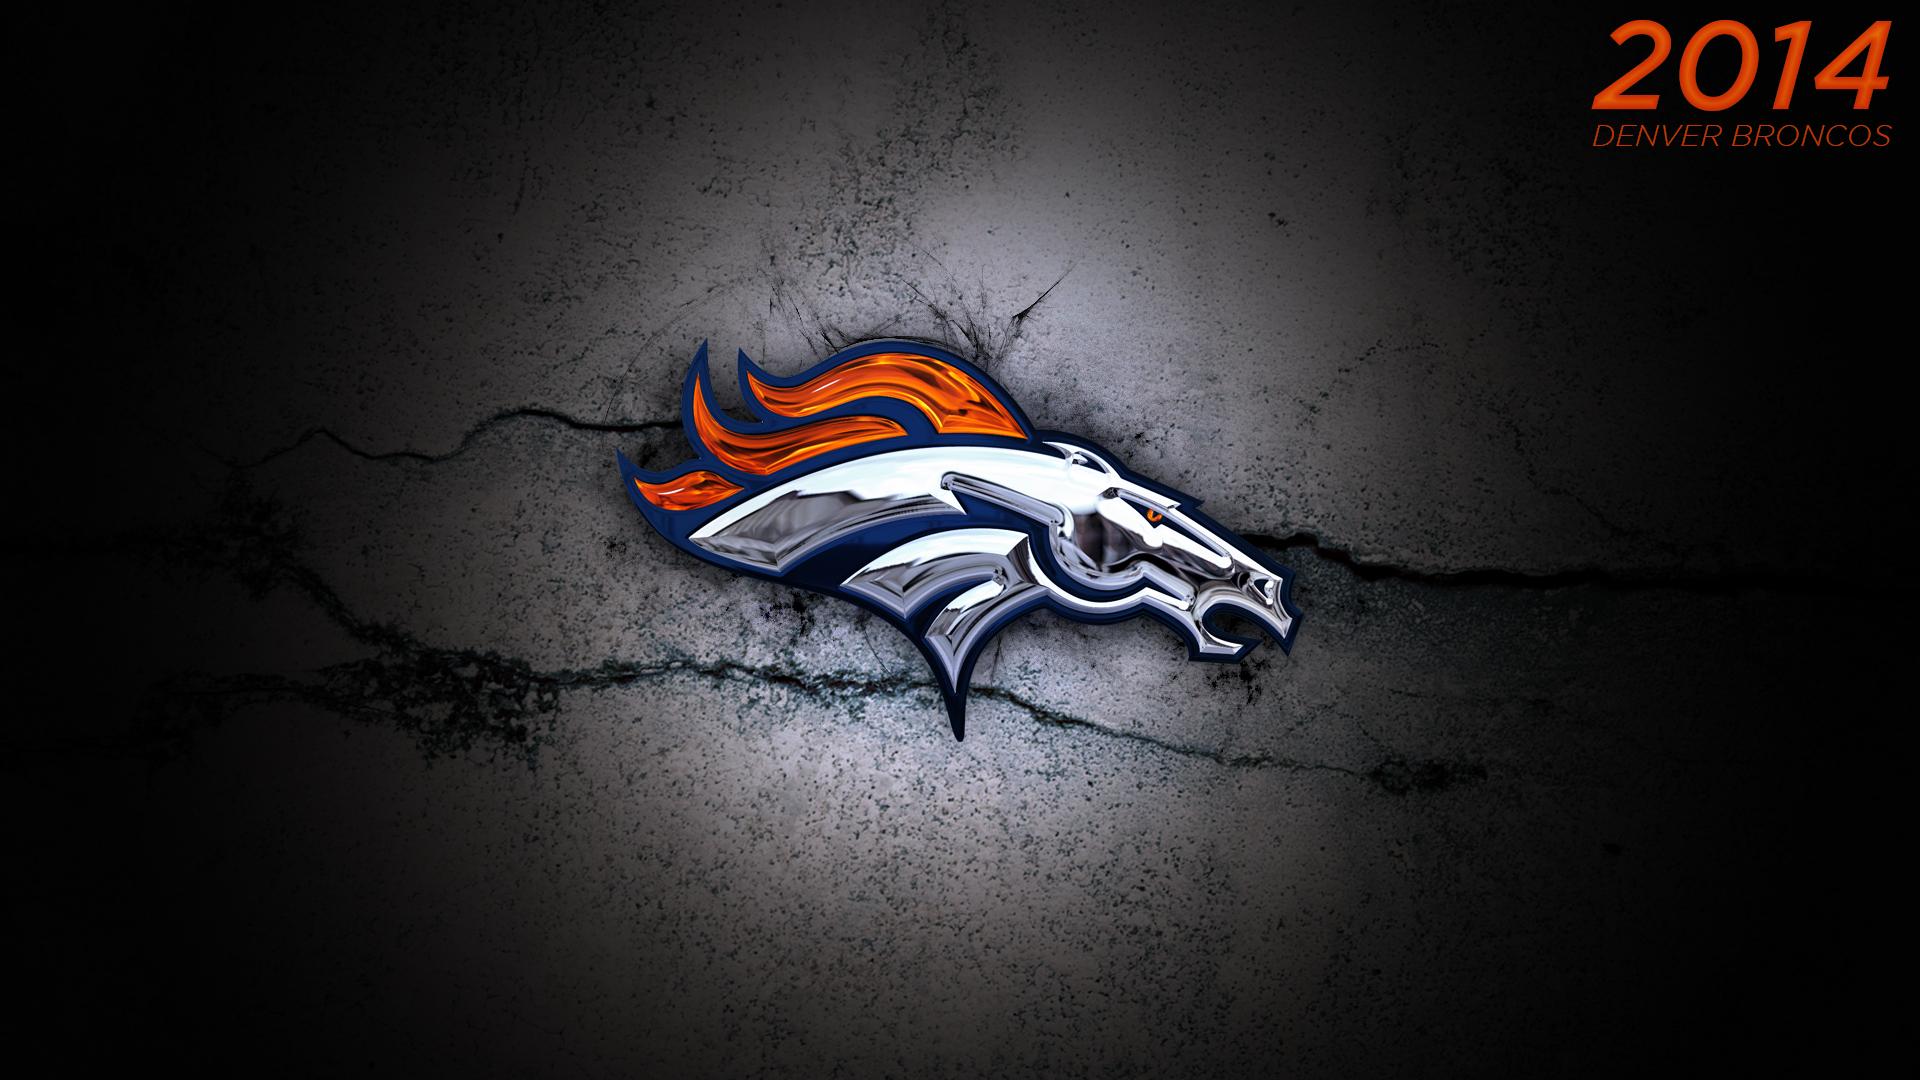 2014 Denver Broncos Logo